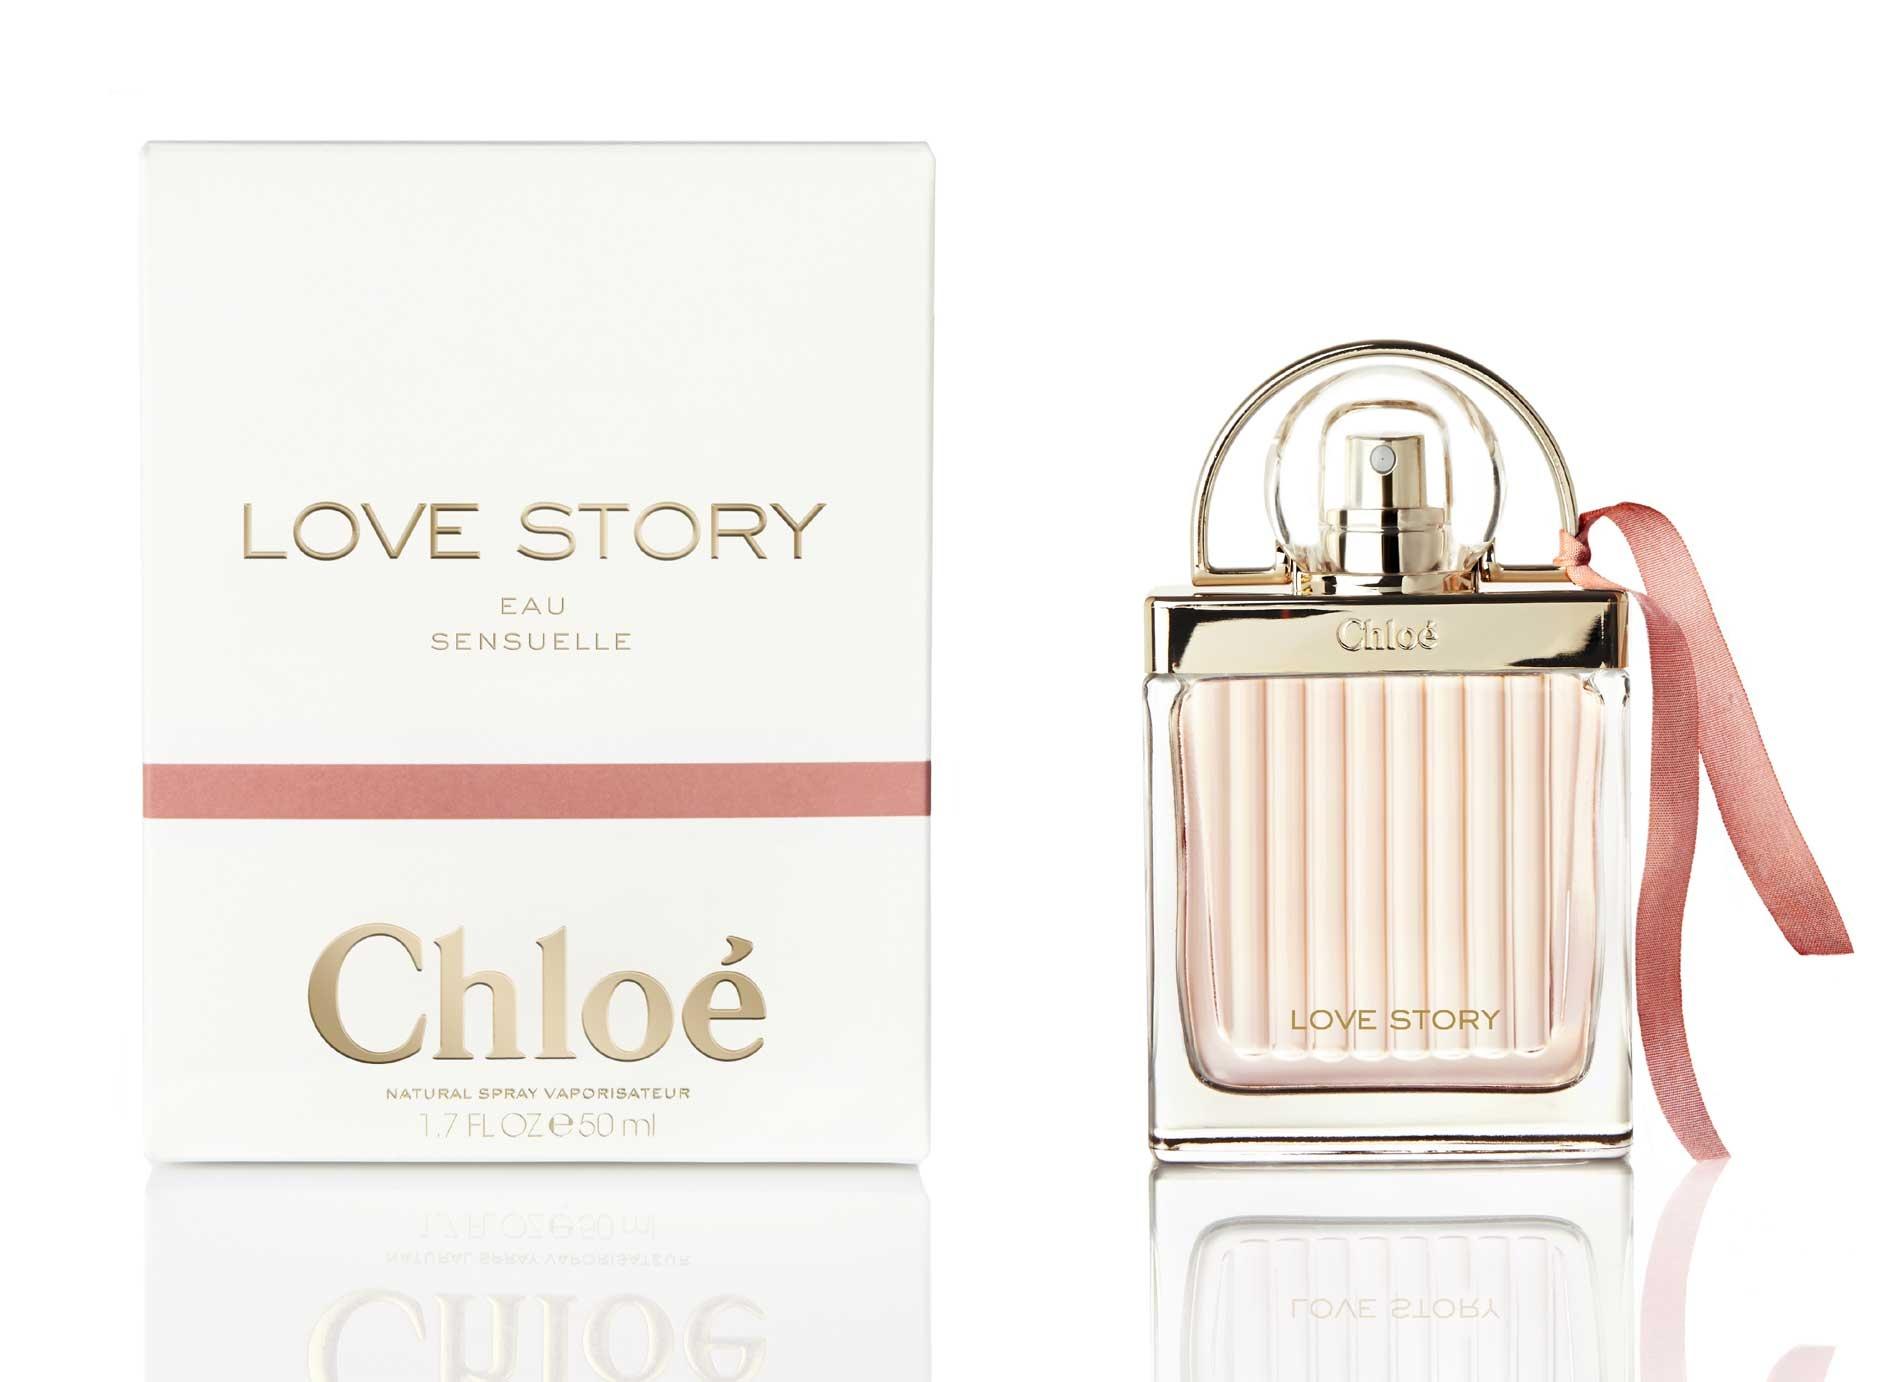 Chloé Love story Eau Sensuelle parfémovaná voda pro ženy 75 ml + výdejní místa po celé ČR